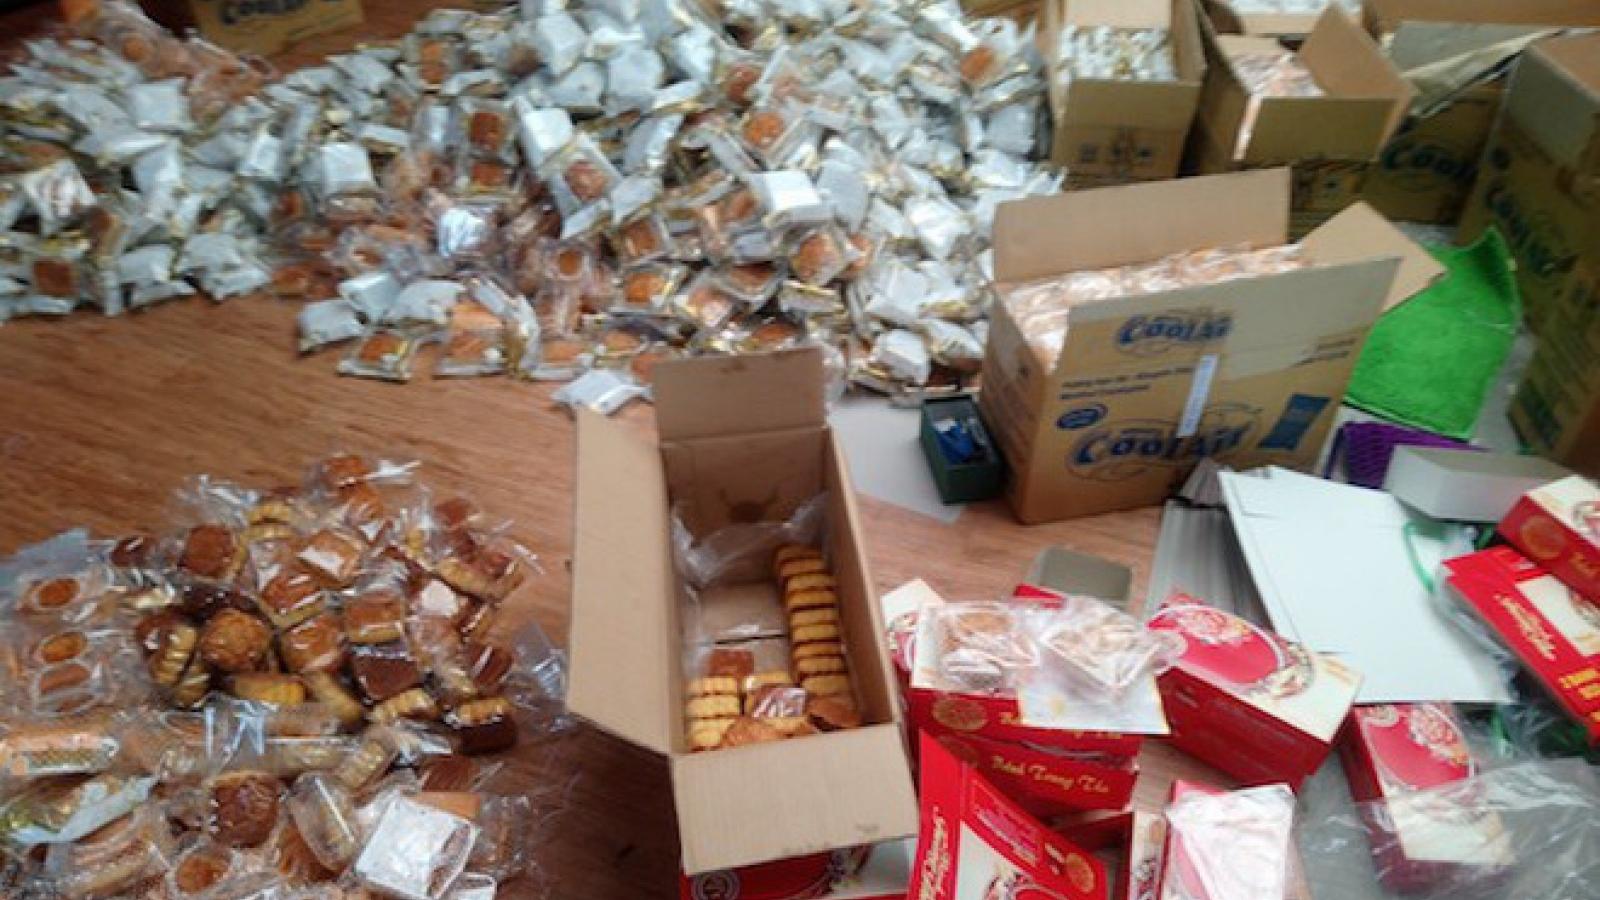 Hà Nội phát hiện nhiều cơ sở sản xuất bánh trung thu vi phạm quy định ATVSTP